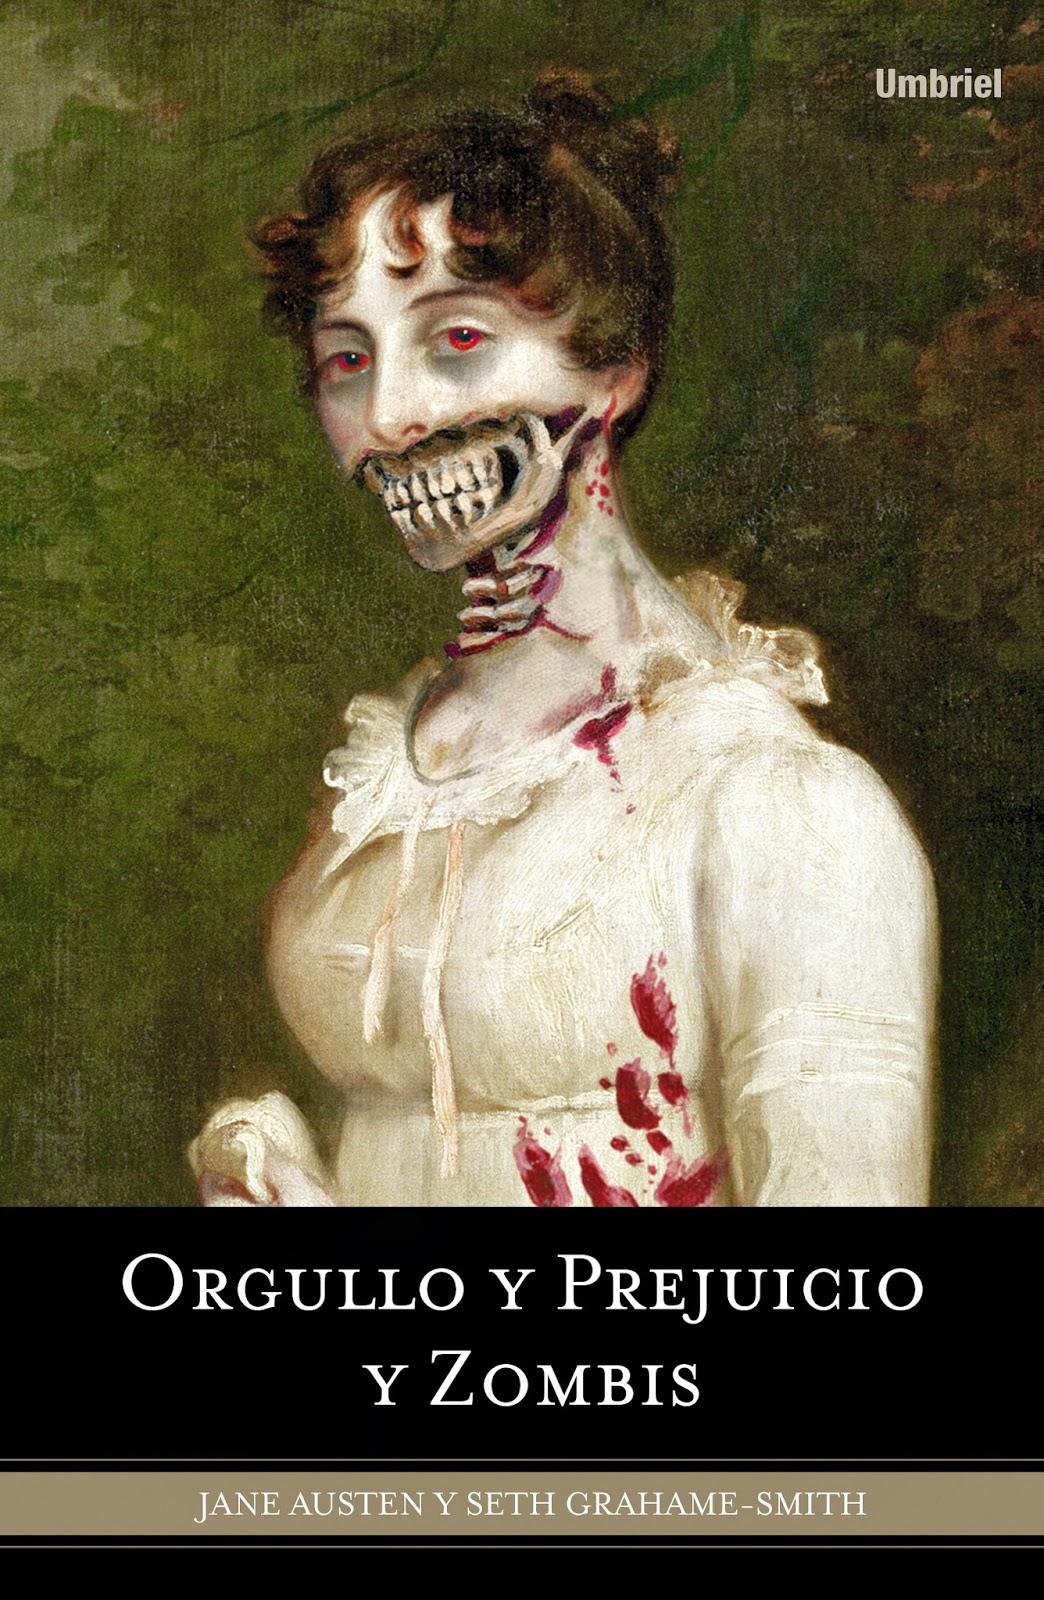 http://labibliotecadebella.blogspot.com.es/2015/04/orgullo-y-prejuicio-y-zombies-seth.html